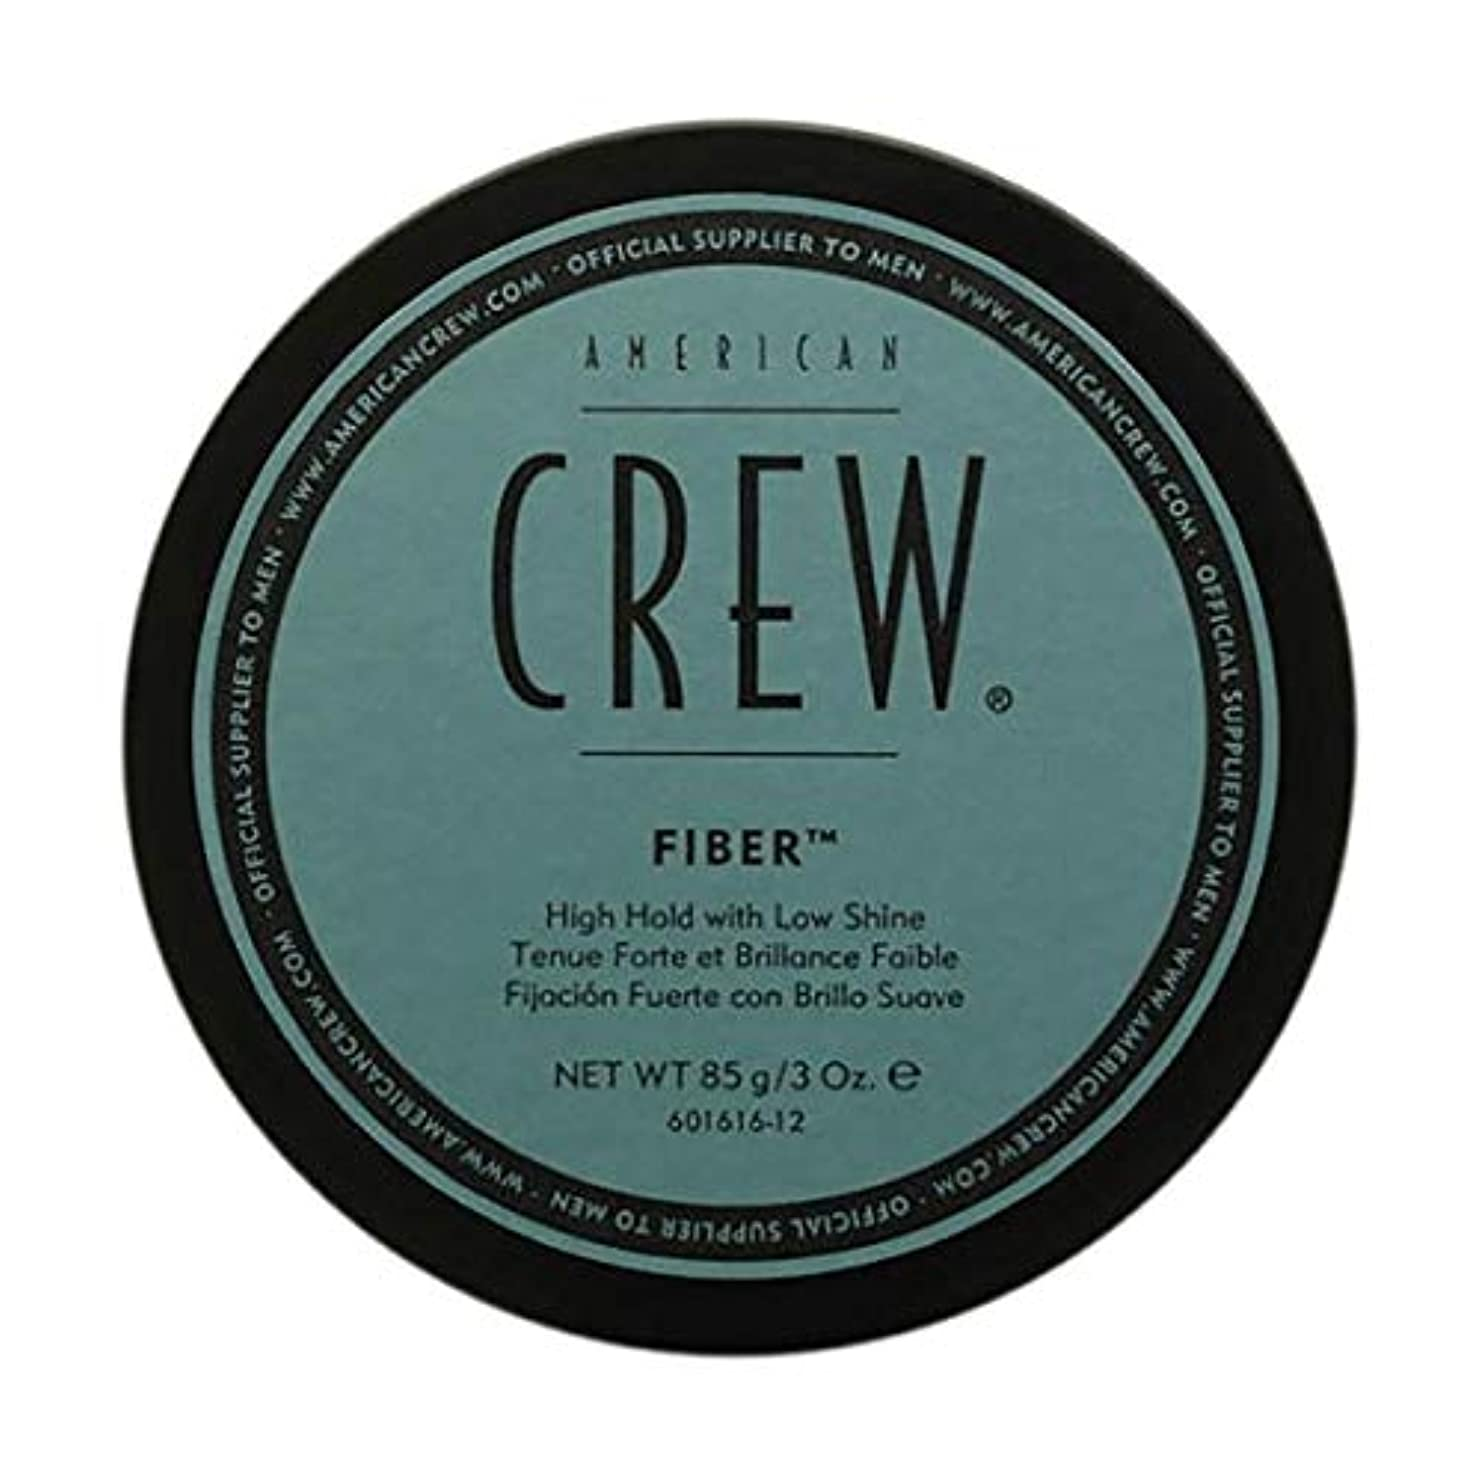 満員シリンダー状況アメリカンクルー クラシック ファイバー American Crew Fiber 85g [並行輸入品]